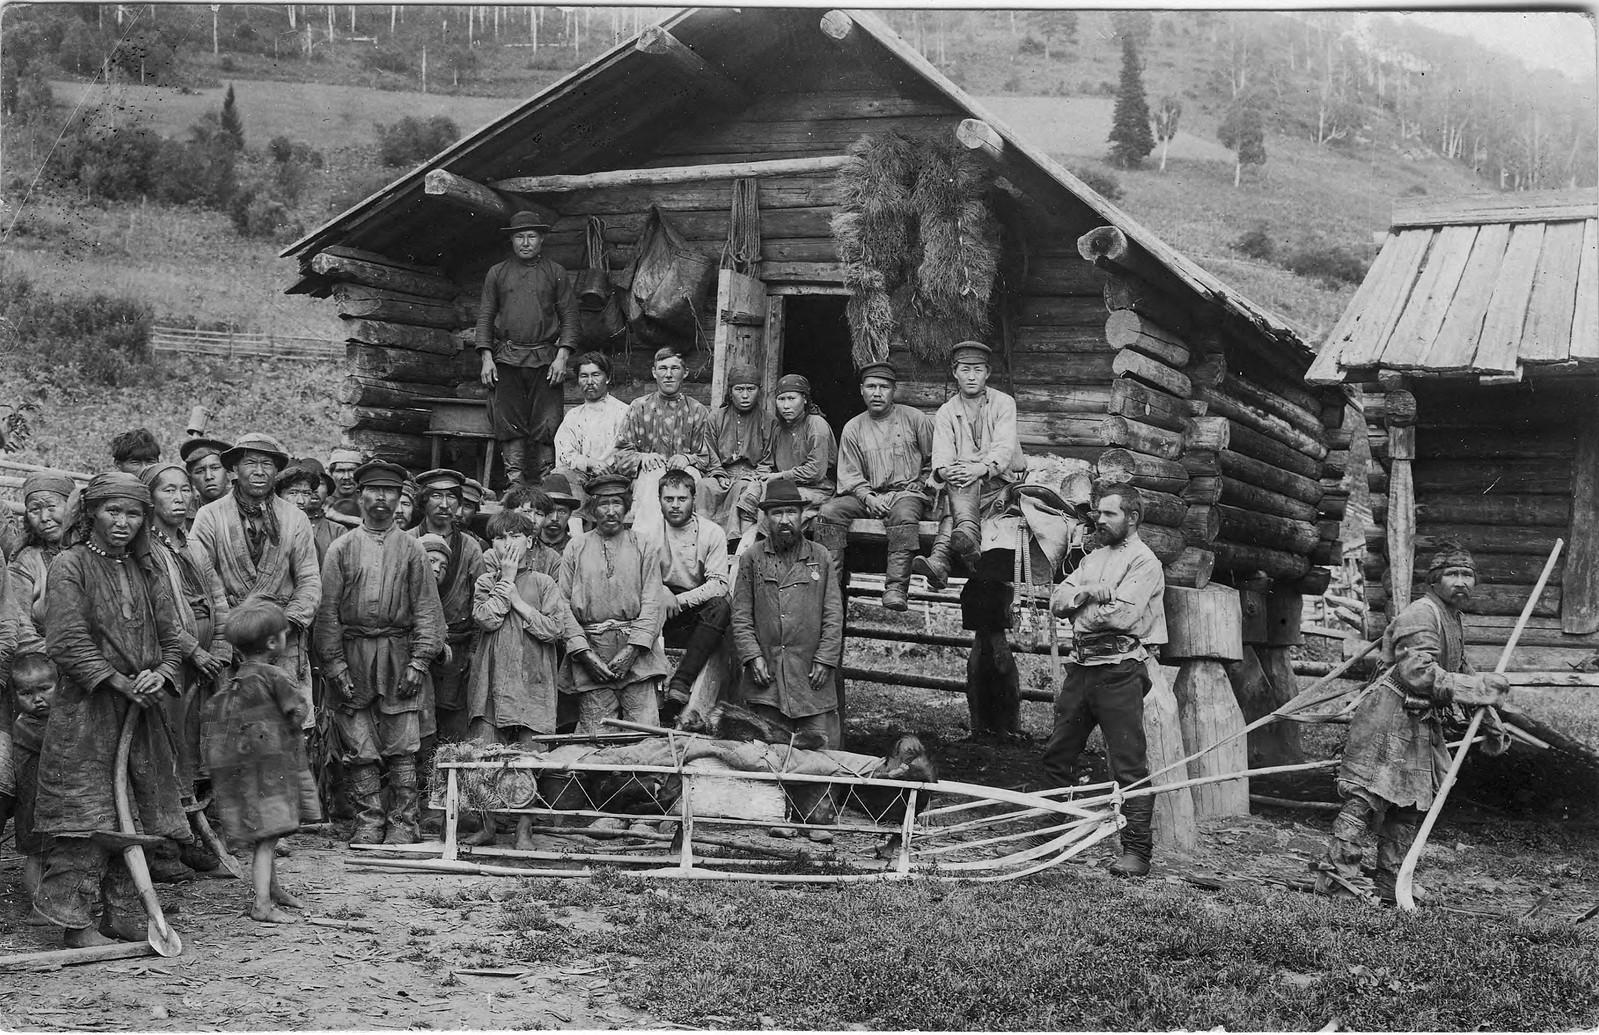 Группа шорцев из улуса Кумыс. На переднем плане охотник на лыжах с нартой за спиной демонстрирует снаряжение для зимней охоты экспедиции